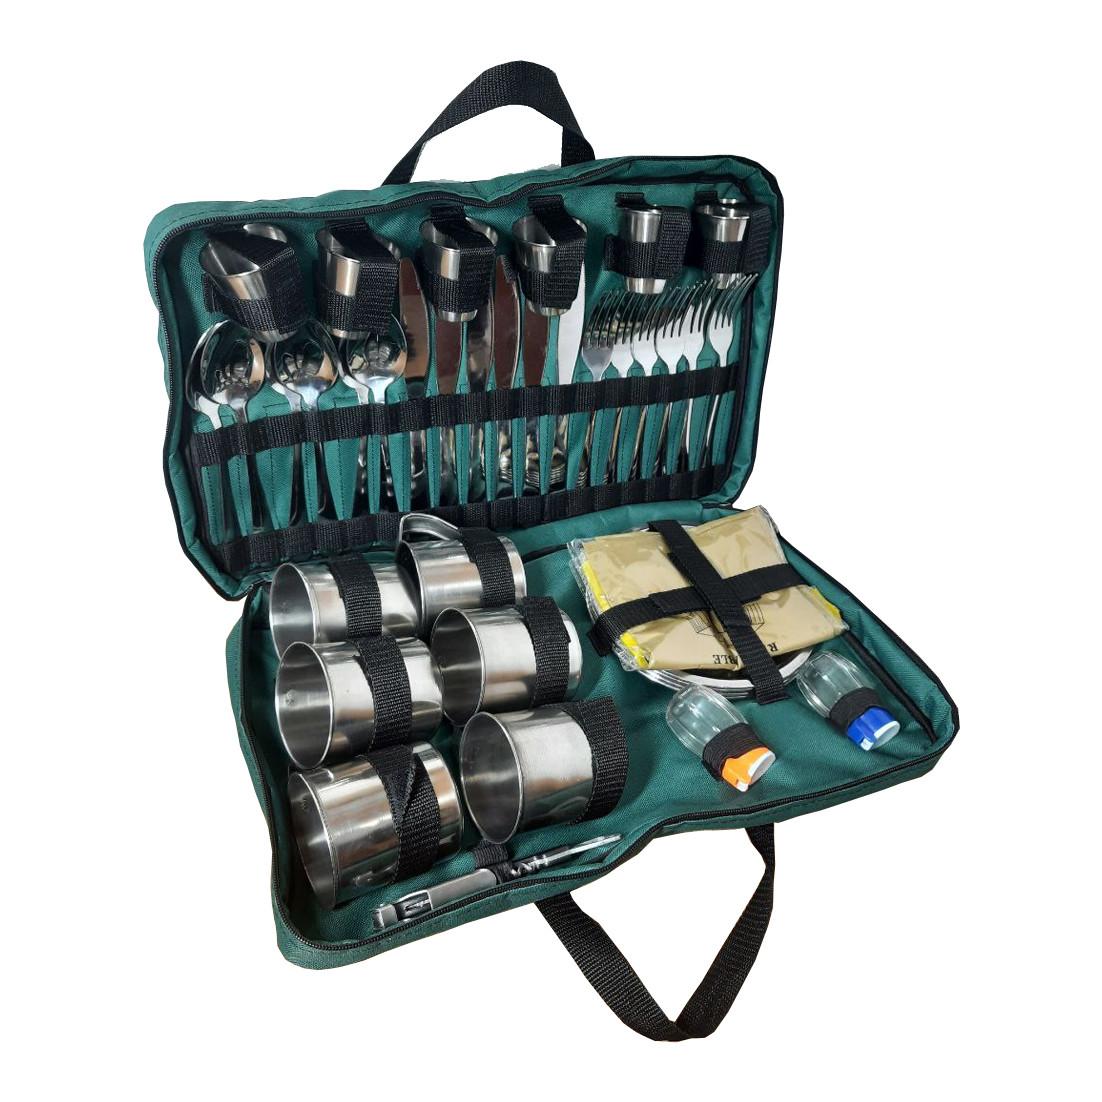 Набор для пикника на 6 персоны в сумке №4 (40 предметов). Сумка походная, набор посуды для туризма №1